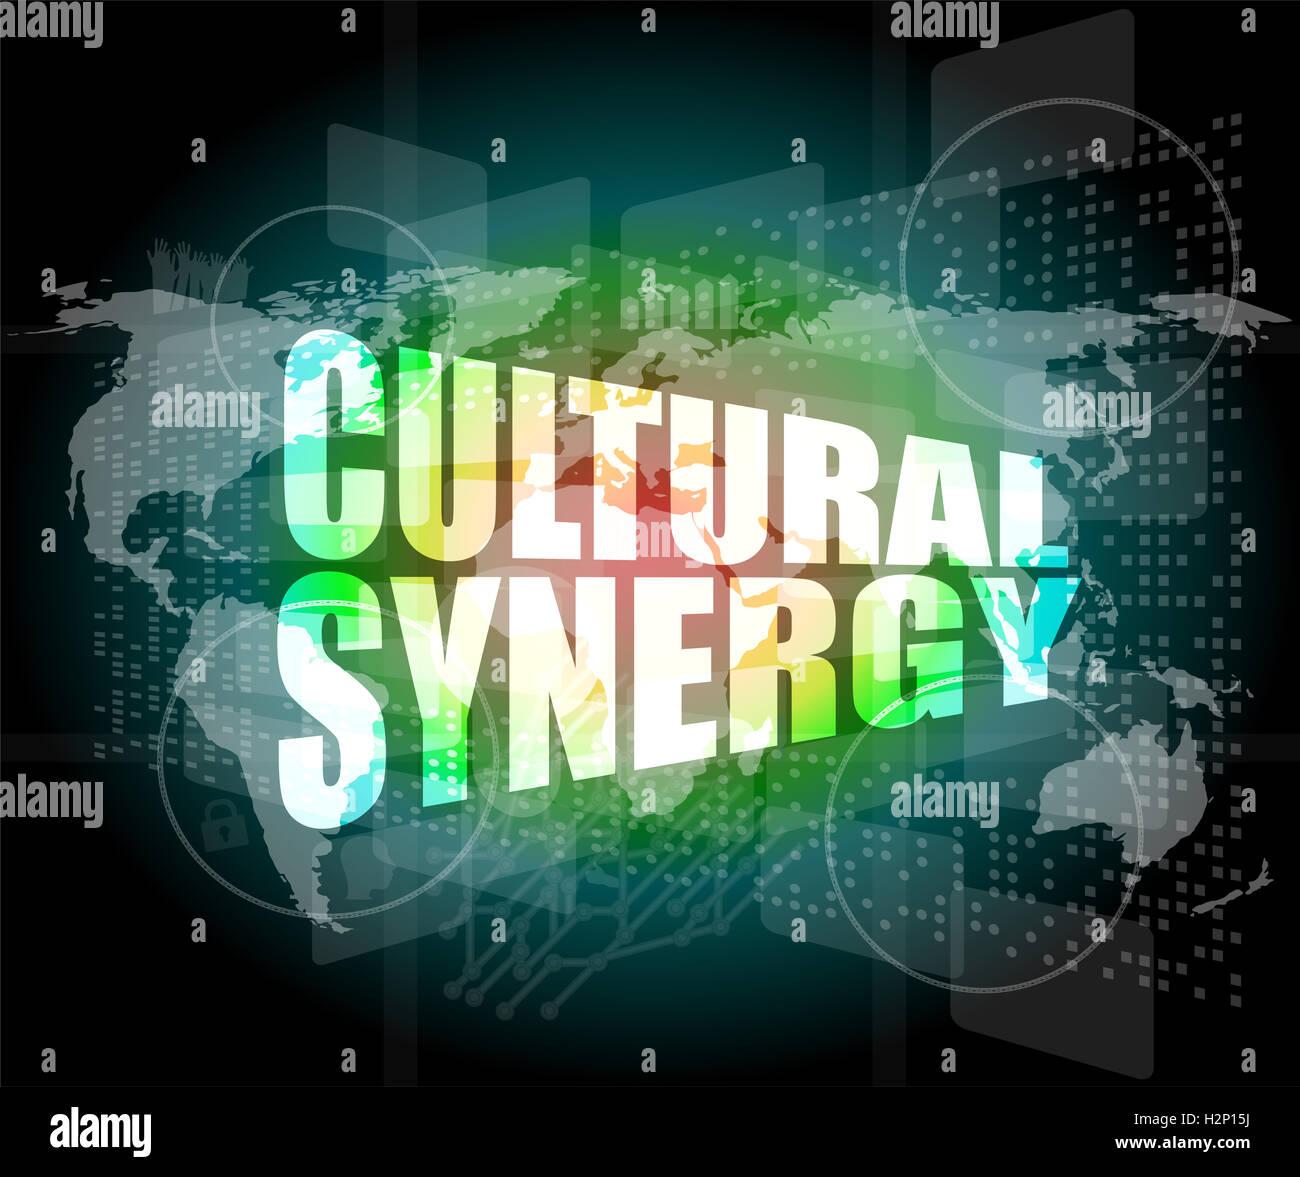 Sinergia culturale parole su display digitale con mappa del mondo Immagini Stock